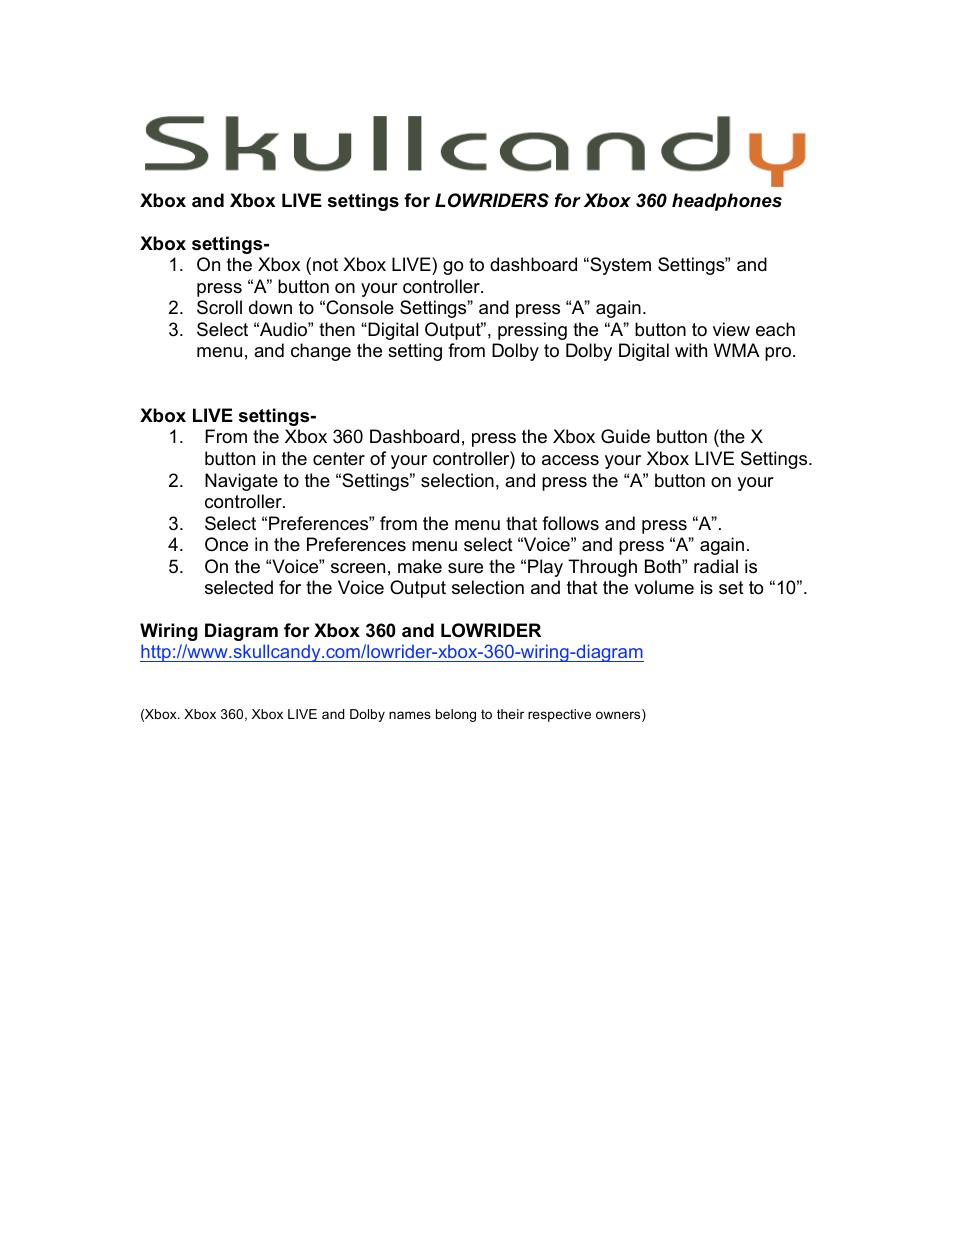 Skullcandy Wiring Diagram Library Circuit Glowing Headphones Mod Adafruit Lowriders User Manual 1 Page